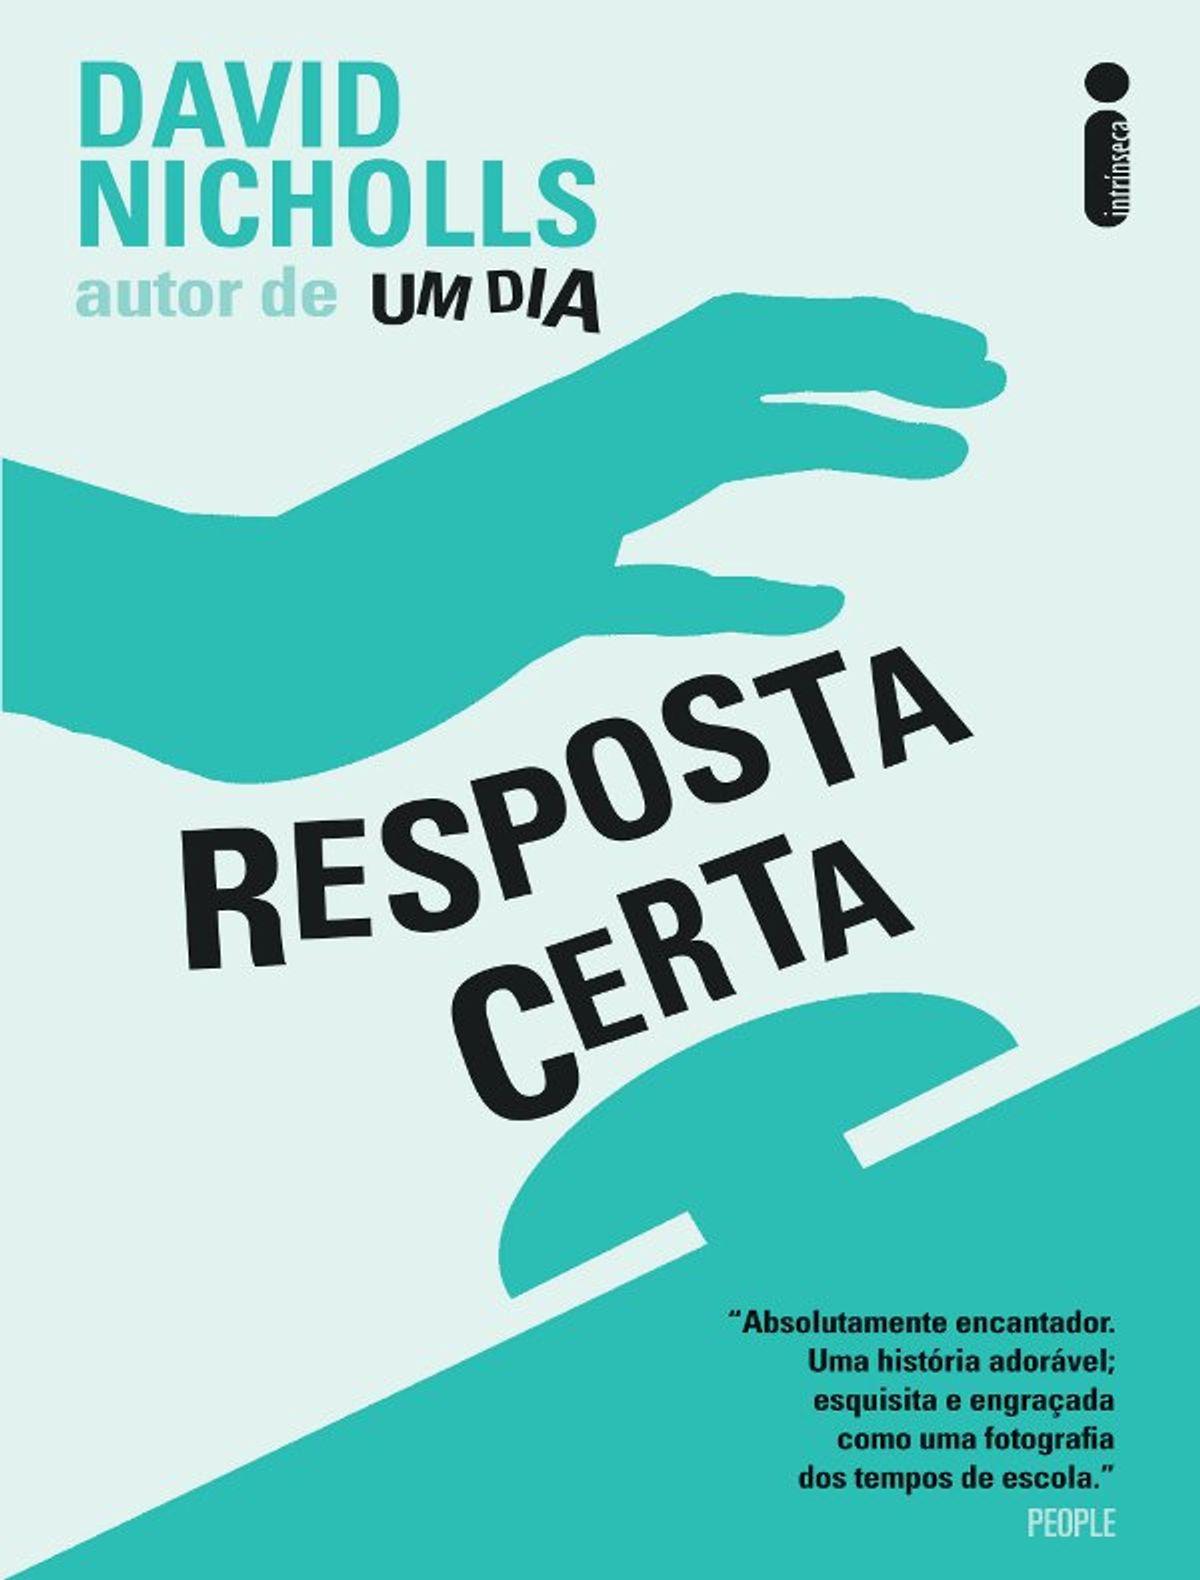 Nicholls gratis giorno pdf david un